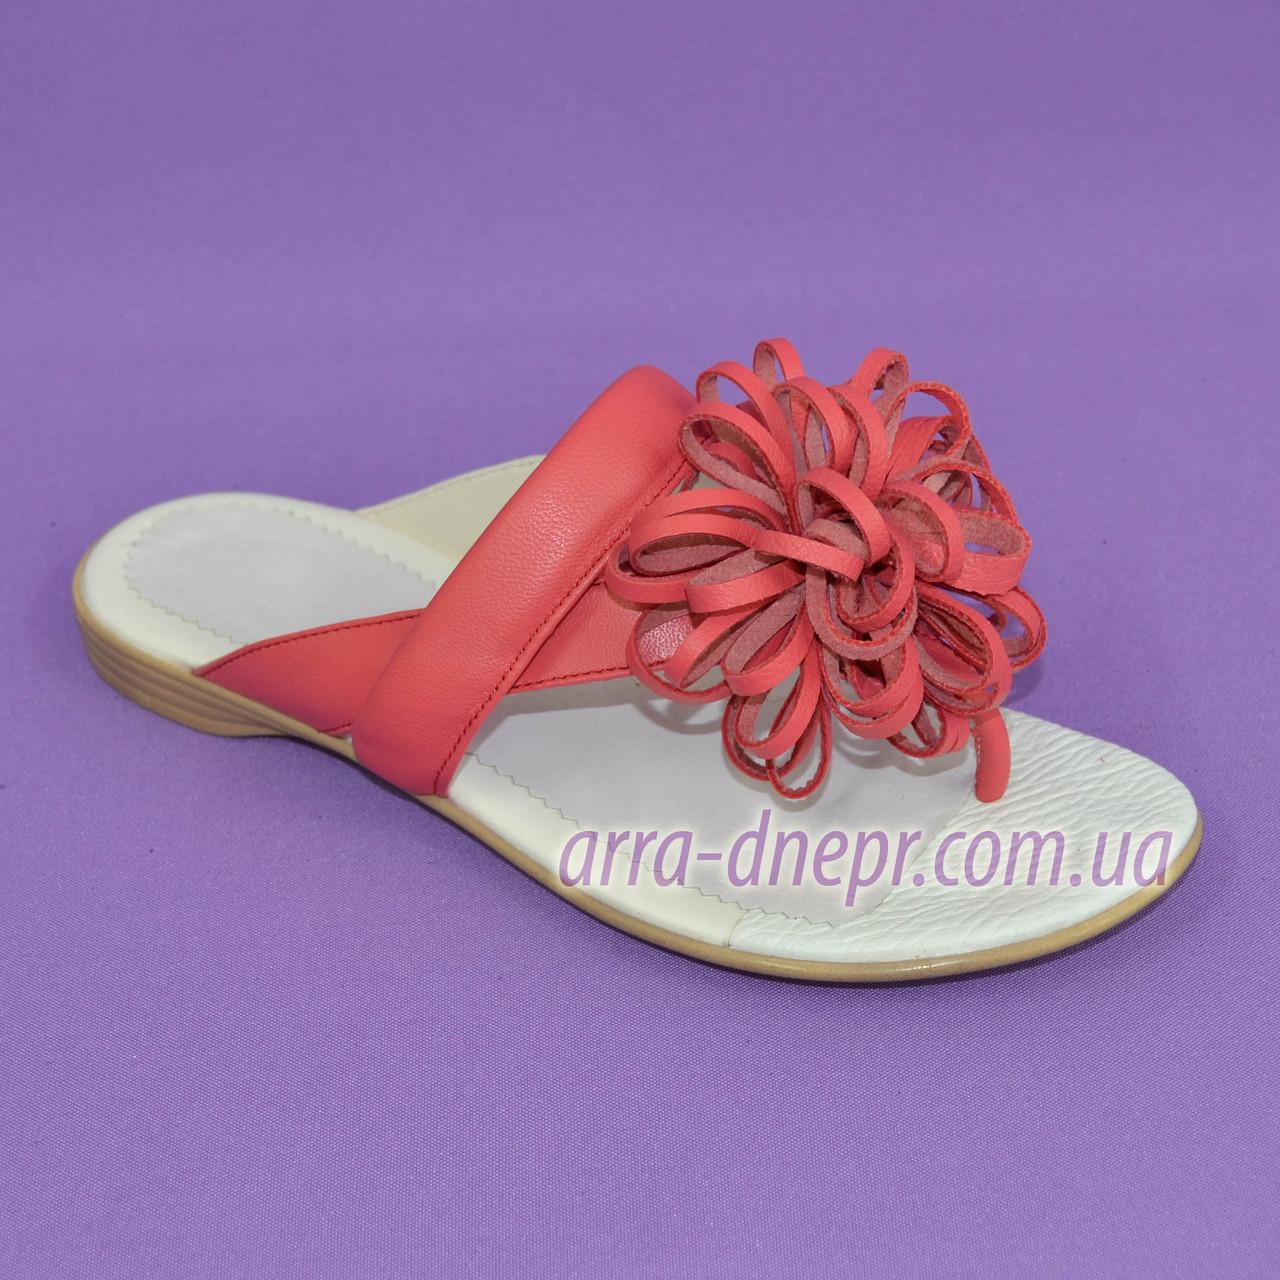 Женские кожаные шлепанцы-вьетнамки от производителя. Цвет коралл